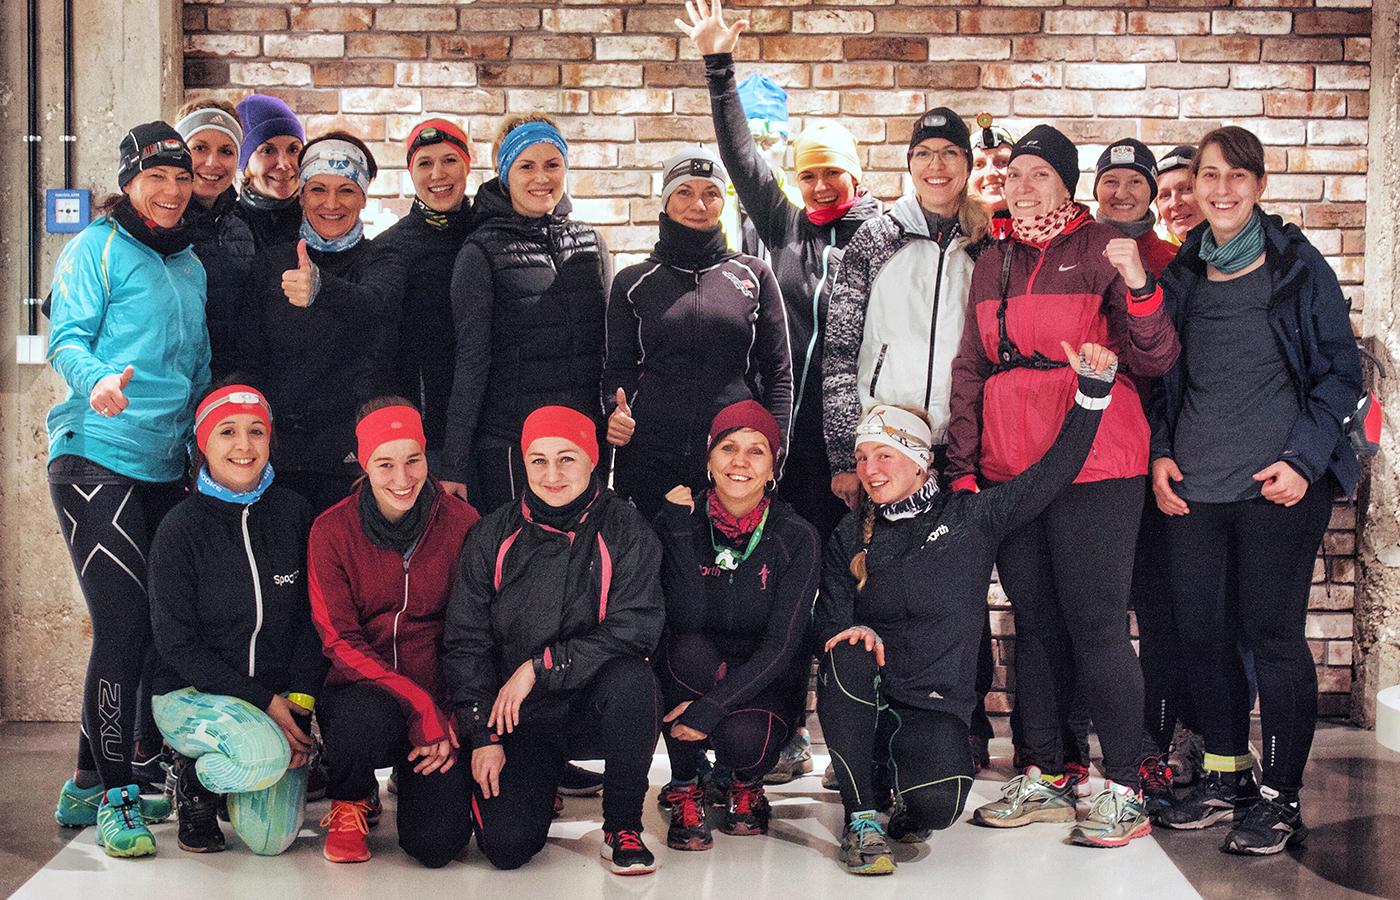 Frauenlauftreffs für Frauen sind angesagt. Sie machen Spaß und helfen dir bei deinem Training.